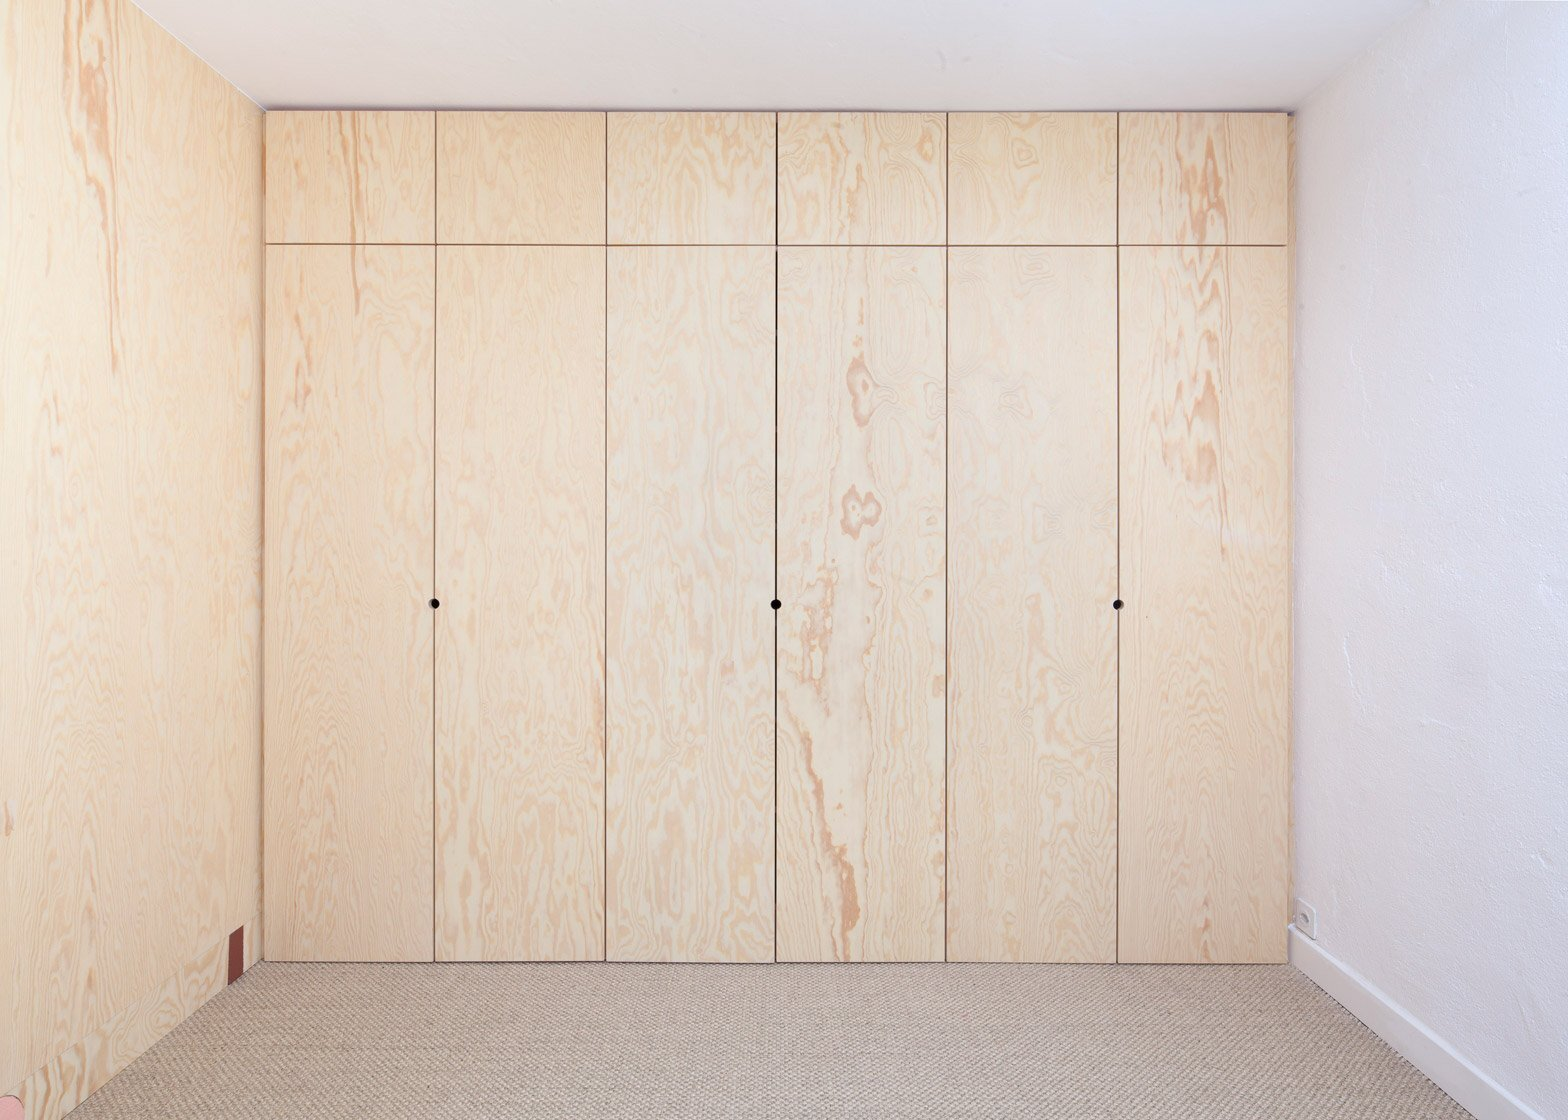 Inhabited Wooden Walls - Aurelie Monet Kasisi - Geneva - Storage 3 - Humble Homes